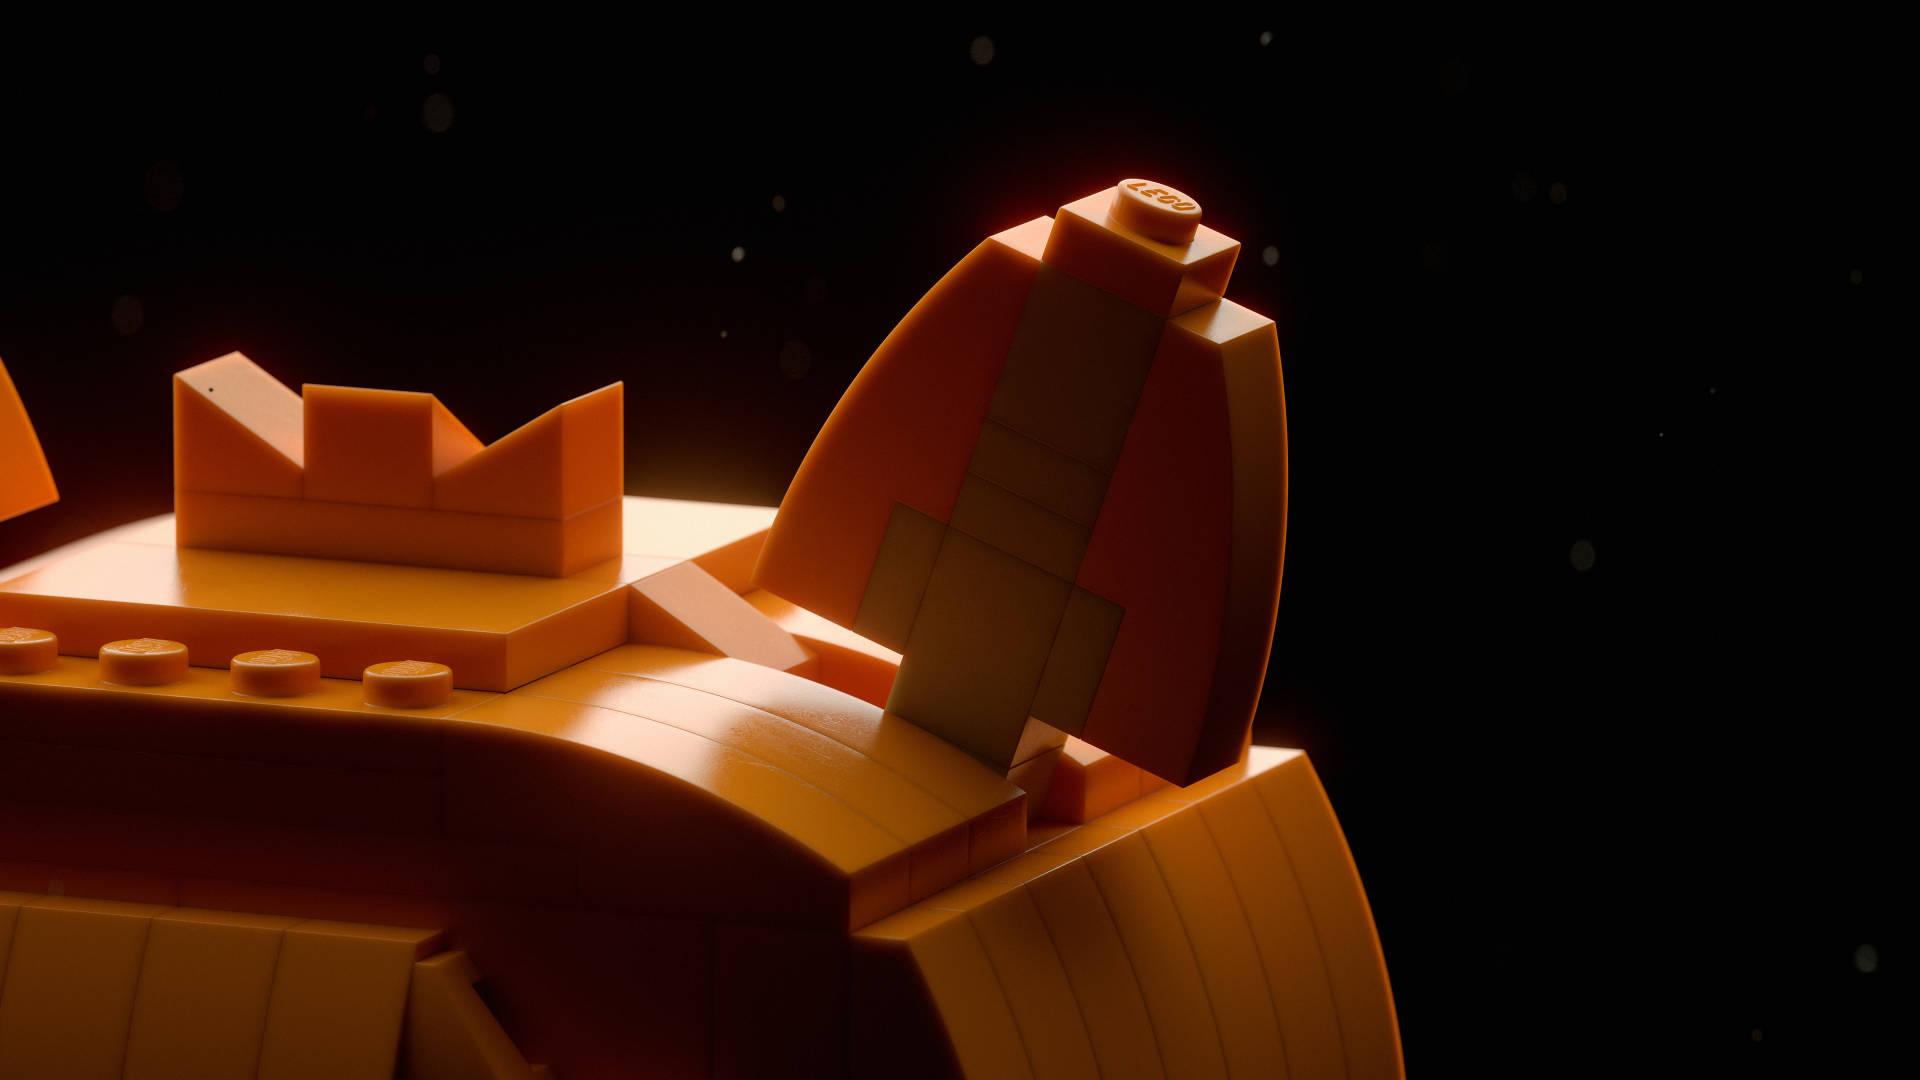 AKQA Future Lion LEGO Ear 16x9